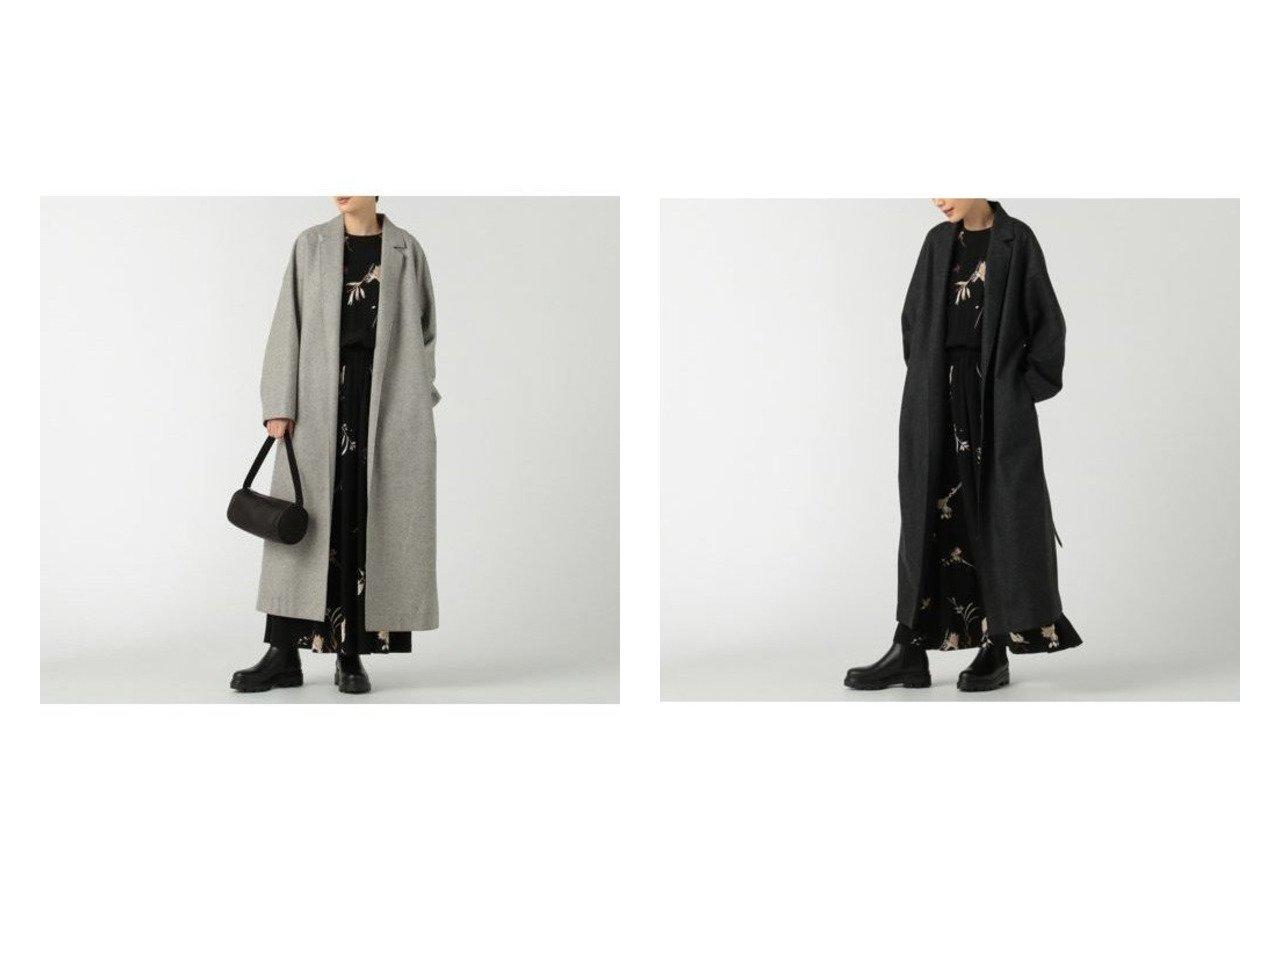 【SACRA/サクラ】のフランネルコート/HIGH COUNT FLANNEL 【アウター】おすすめ!人気、トレンド・レディースファッションの通販 おすすめで人気の流行・トレンド、ファッションの通販商品 インテリア・家具・メンズファッション・キッズファッション・レディースファッション・服の通販 founy(ファニー) https://founy.com/ ファッション Fashion レディースファッション WOMEN アウター Coat Outerwear コート Coats チェスターコート Top Coat ジャケット チェスターコート メランジ |ID:crp329100000056390